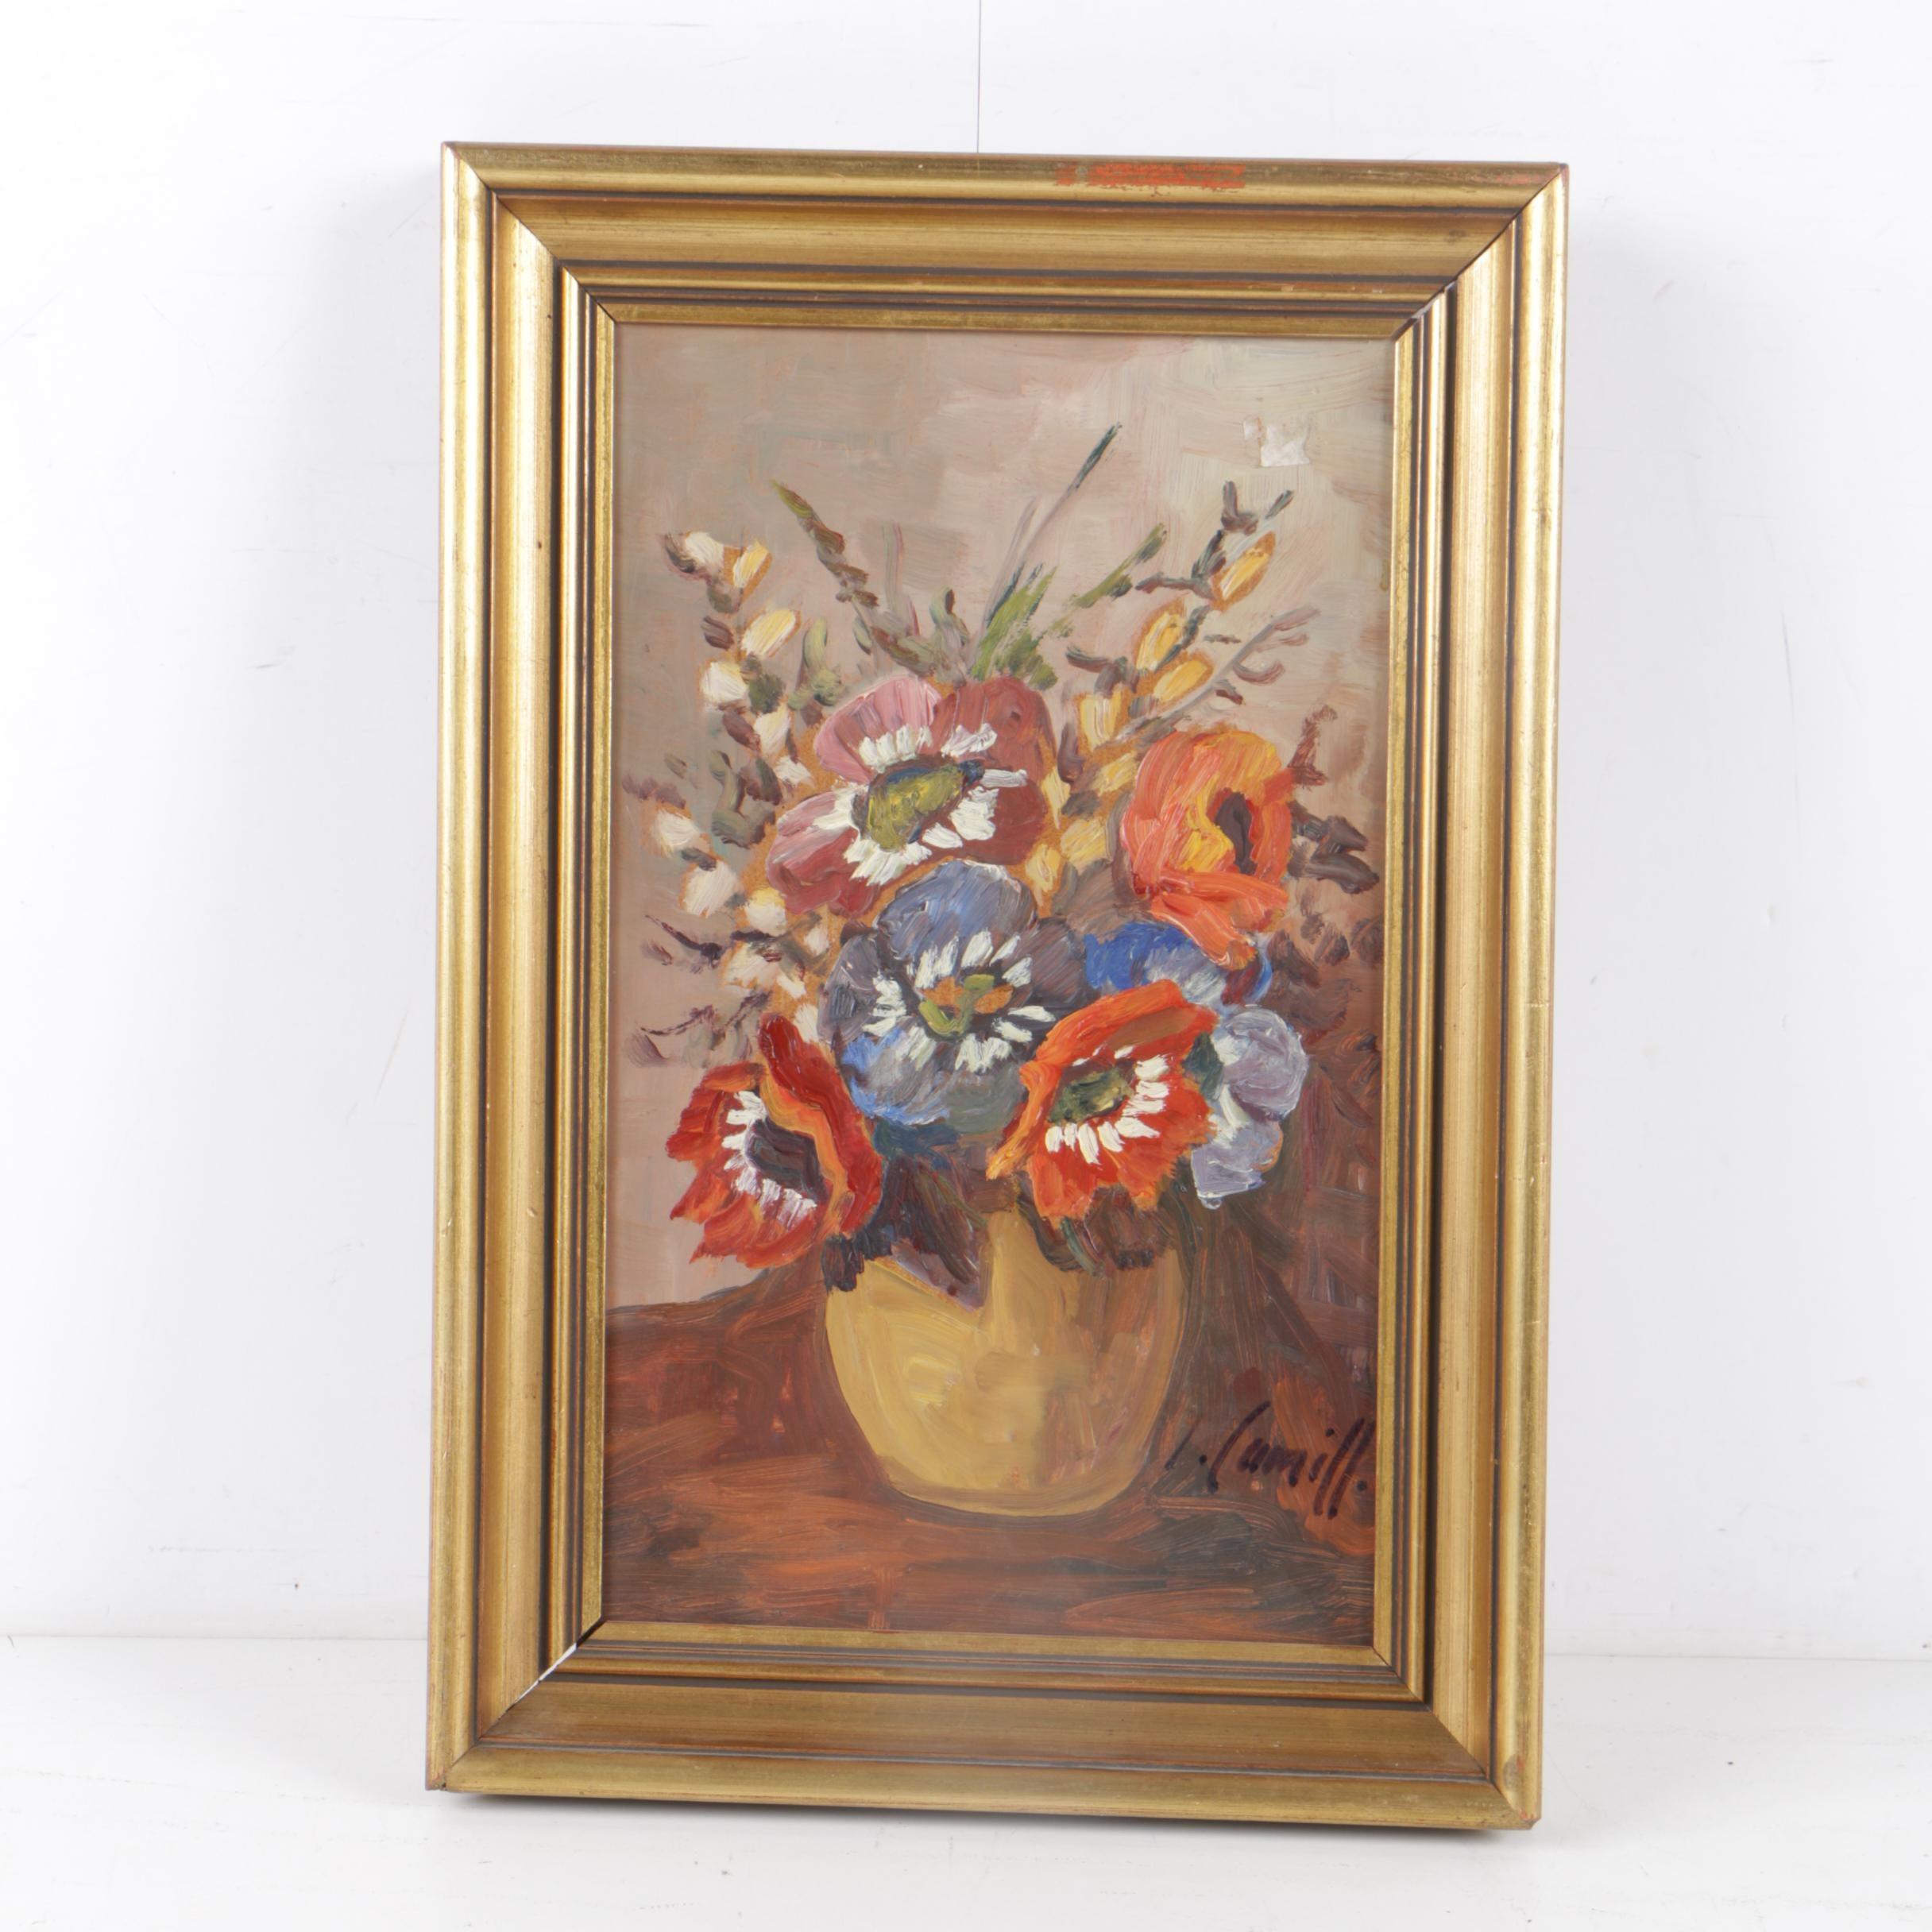 I. Lumill Circa 1960s Oil Painting of Floral Still Life